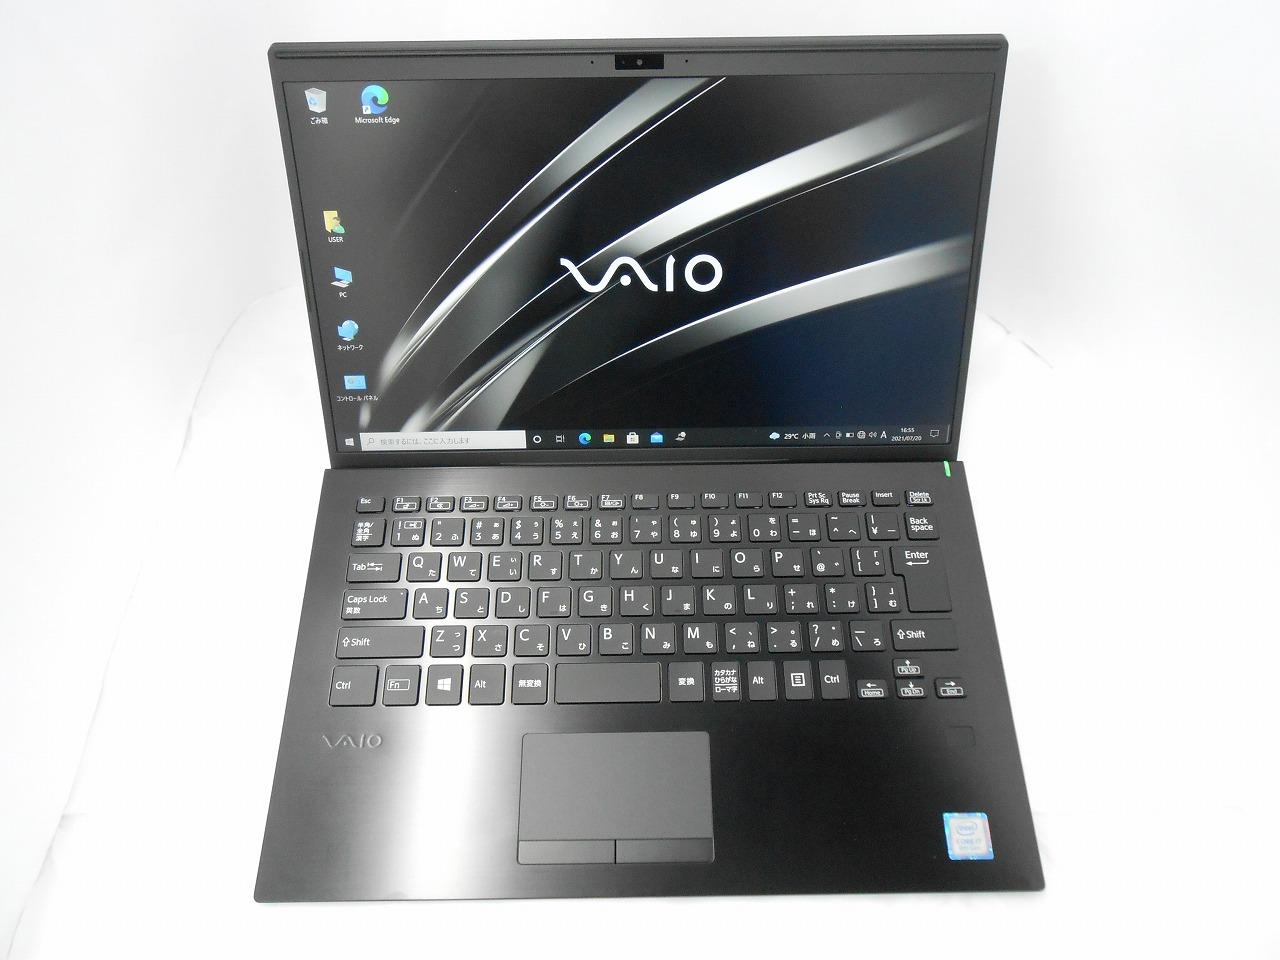 【サマーセール】【中古】VAIO Pro VJPK11C12N /2019年モデル/Corei7 8565U 1.8GHz/メモリ16GB/SSD 256GB/14インチ/Windows10Pro【3ヶ月保証】【足立店発送】